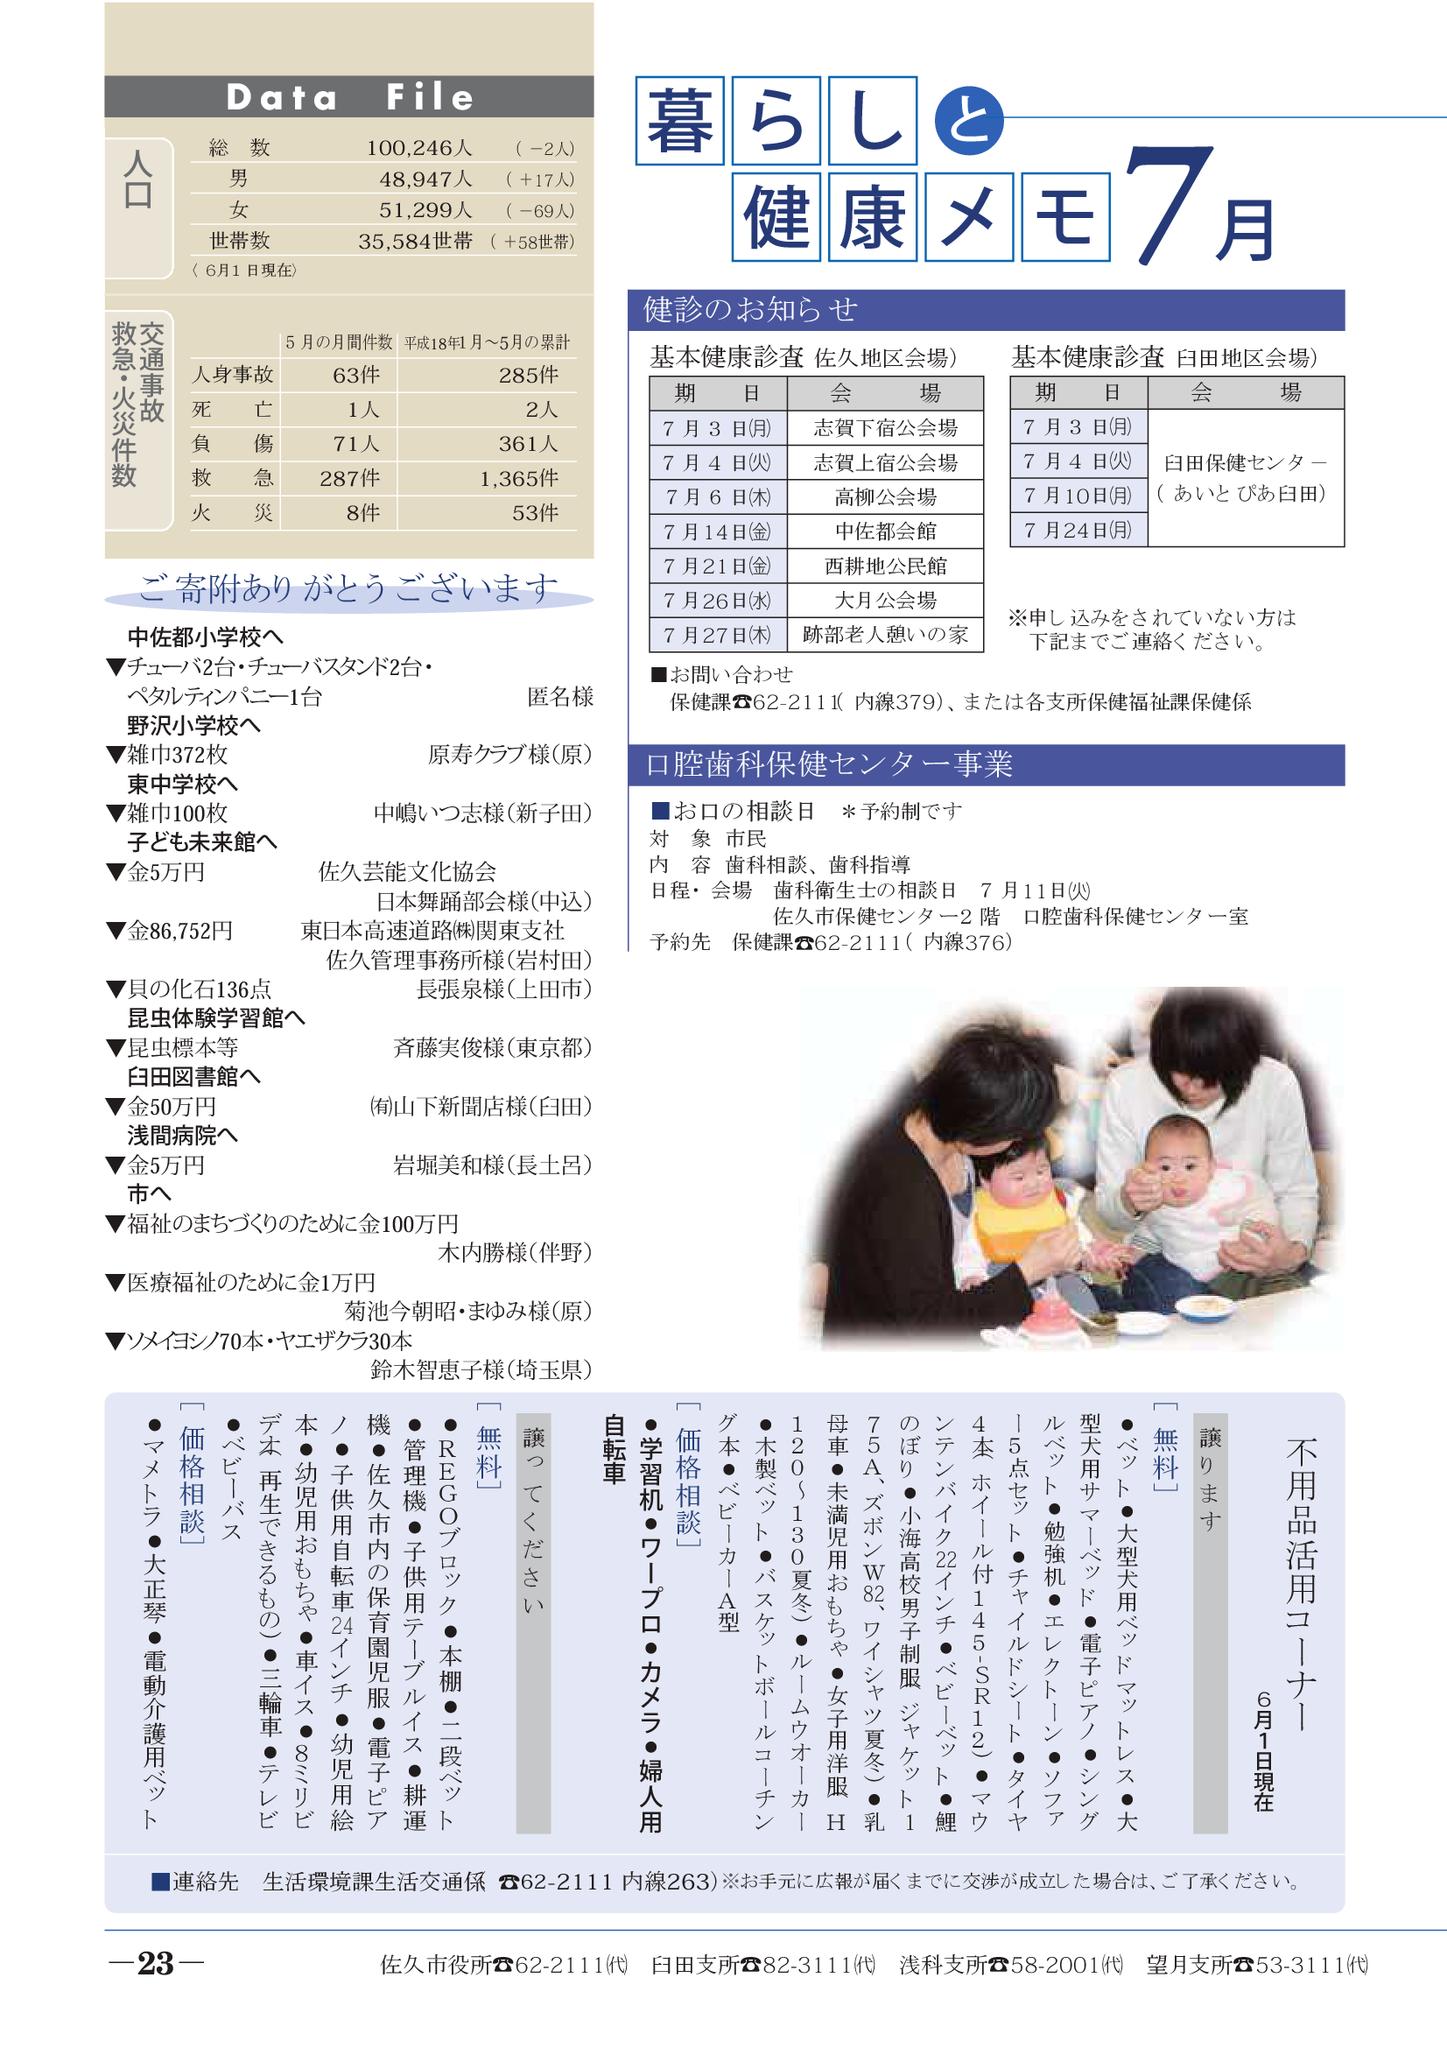 [CDATA[2006-6-15]]